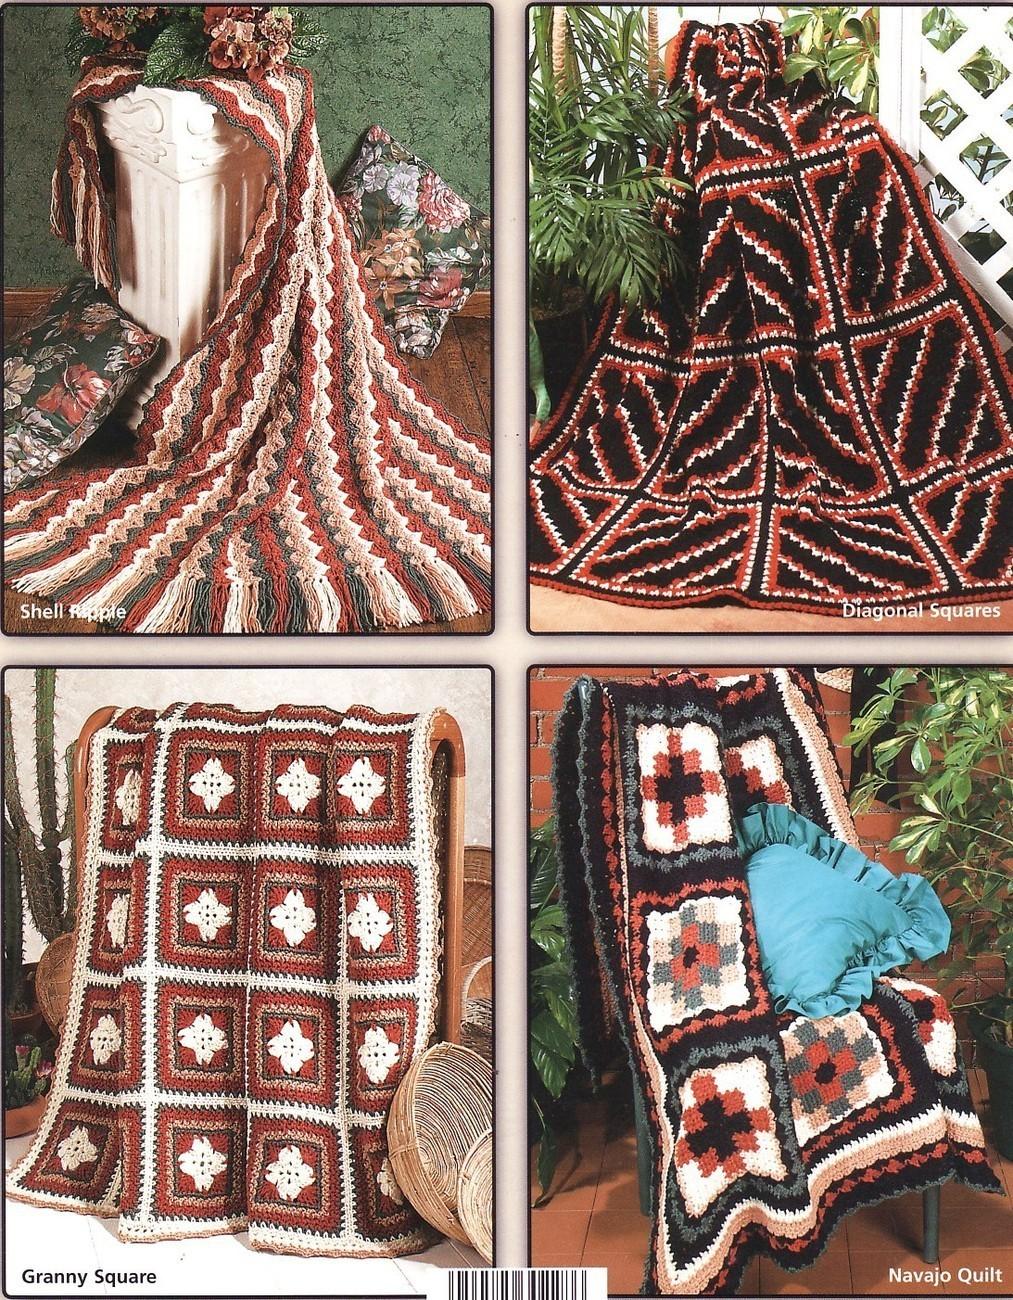 Free Crochet Pattern Navajo Afghan : Navajo Afghans Crochet Patterns Book Indian Blankets 6 ...